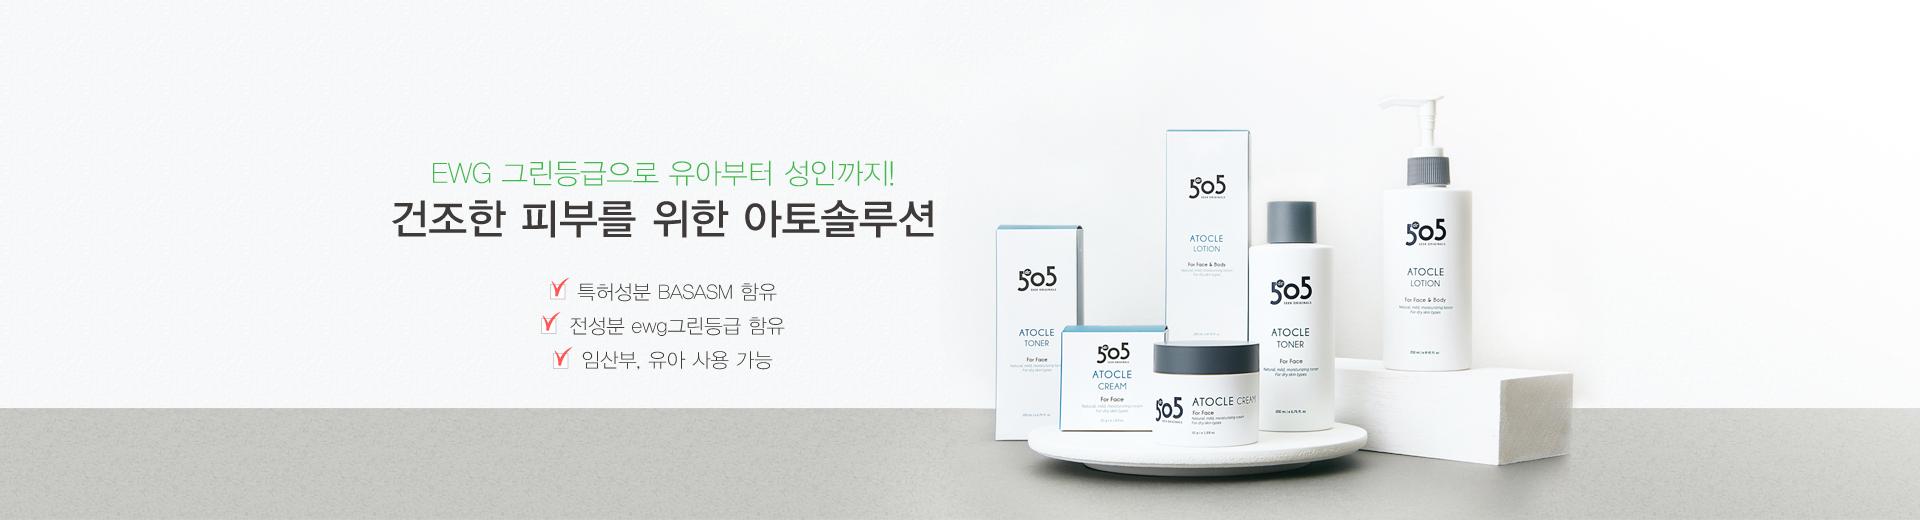 닥터505 아토클 솔루션